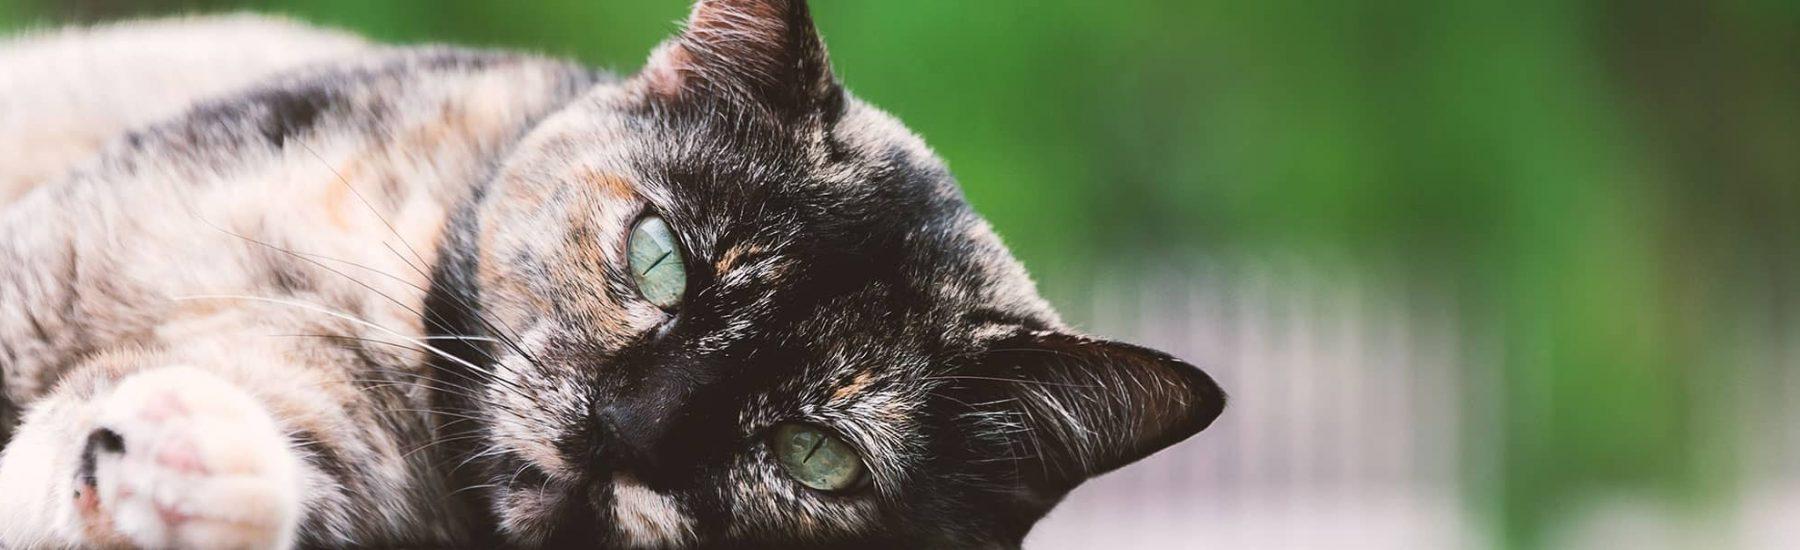 cat_old